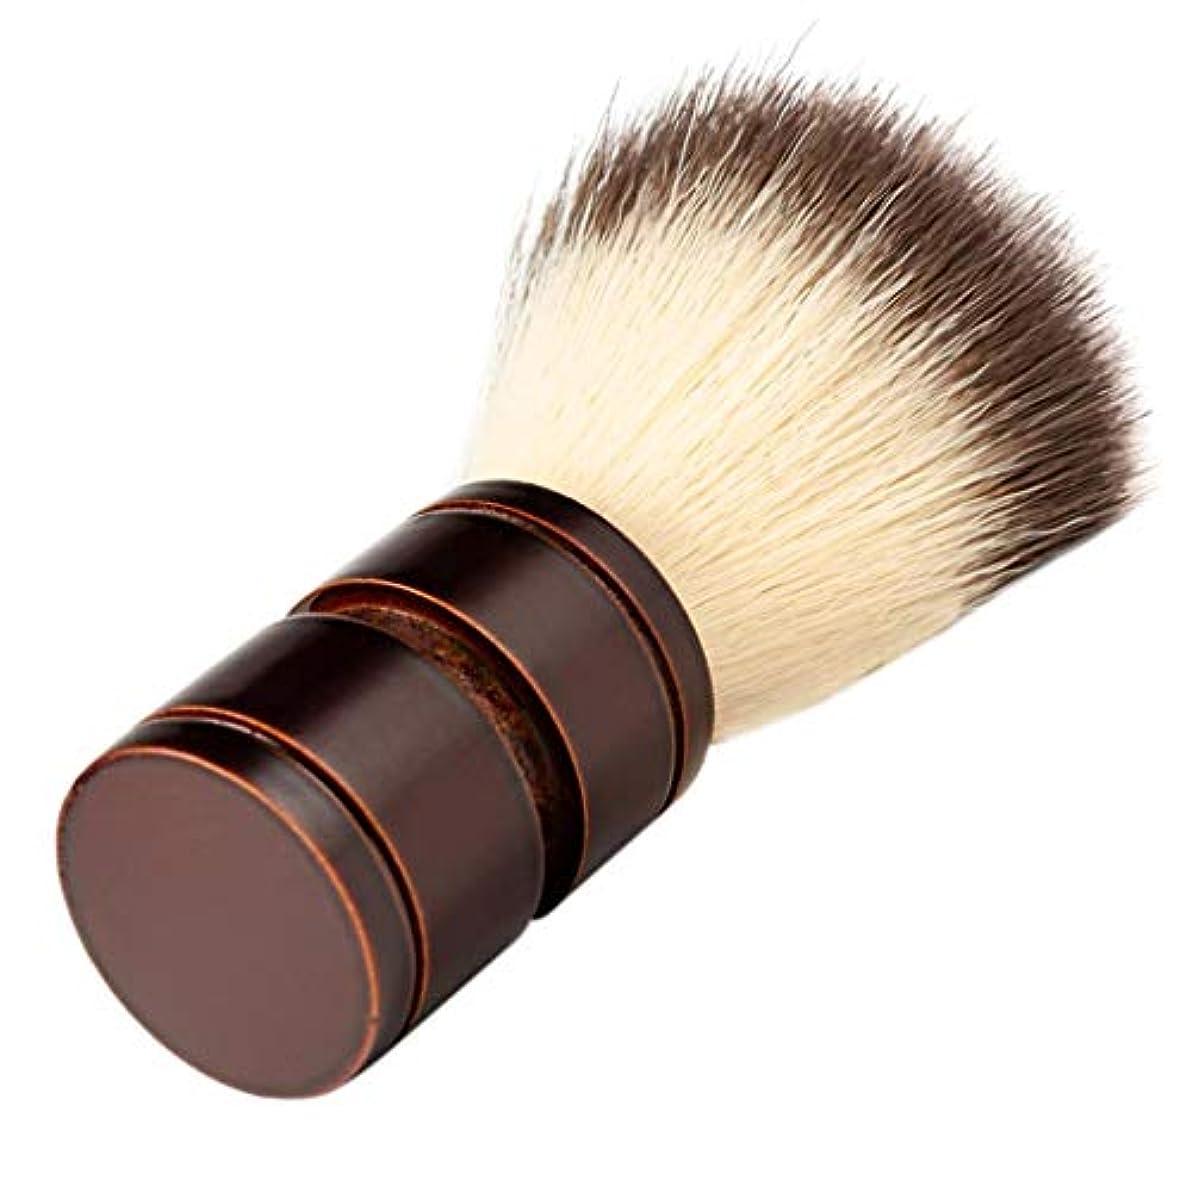 アライアンスシャトル適応するシェービング ブラシ メンズ ナイロン ひげブラシ 洗顔ブラシ 理容 洗顔 髭剃り 泡立ち